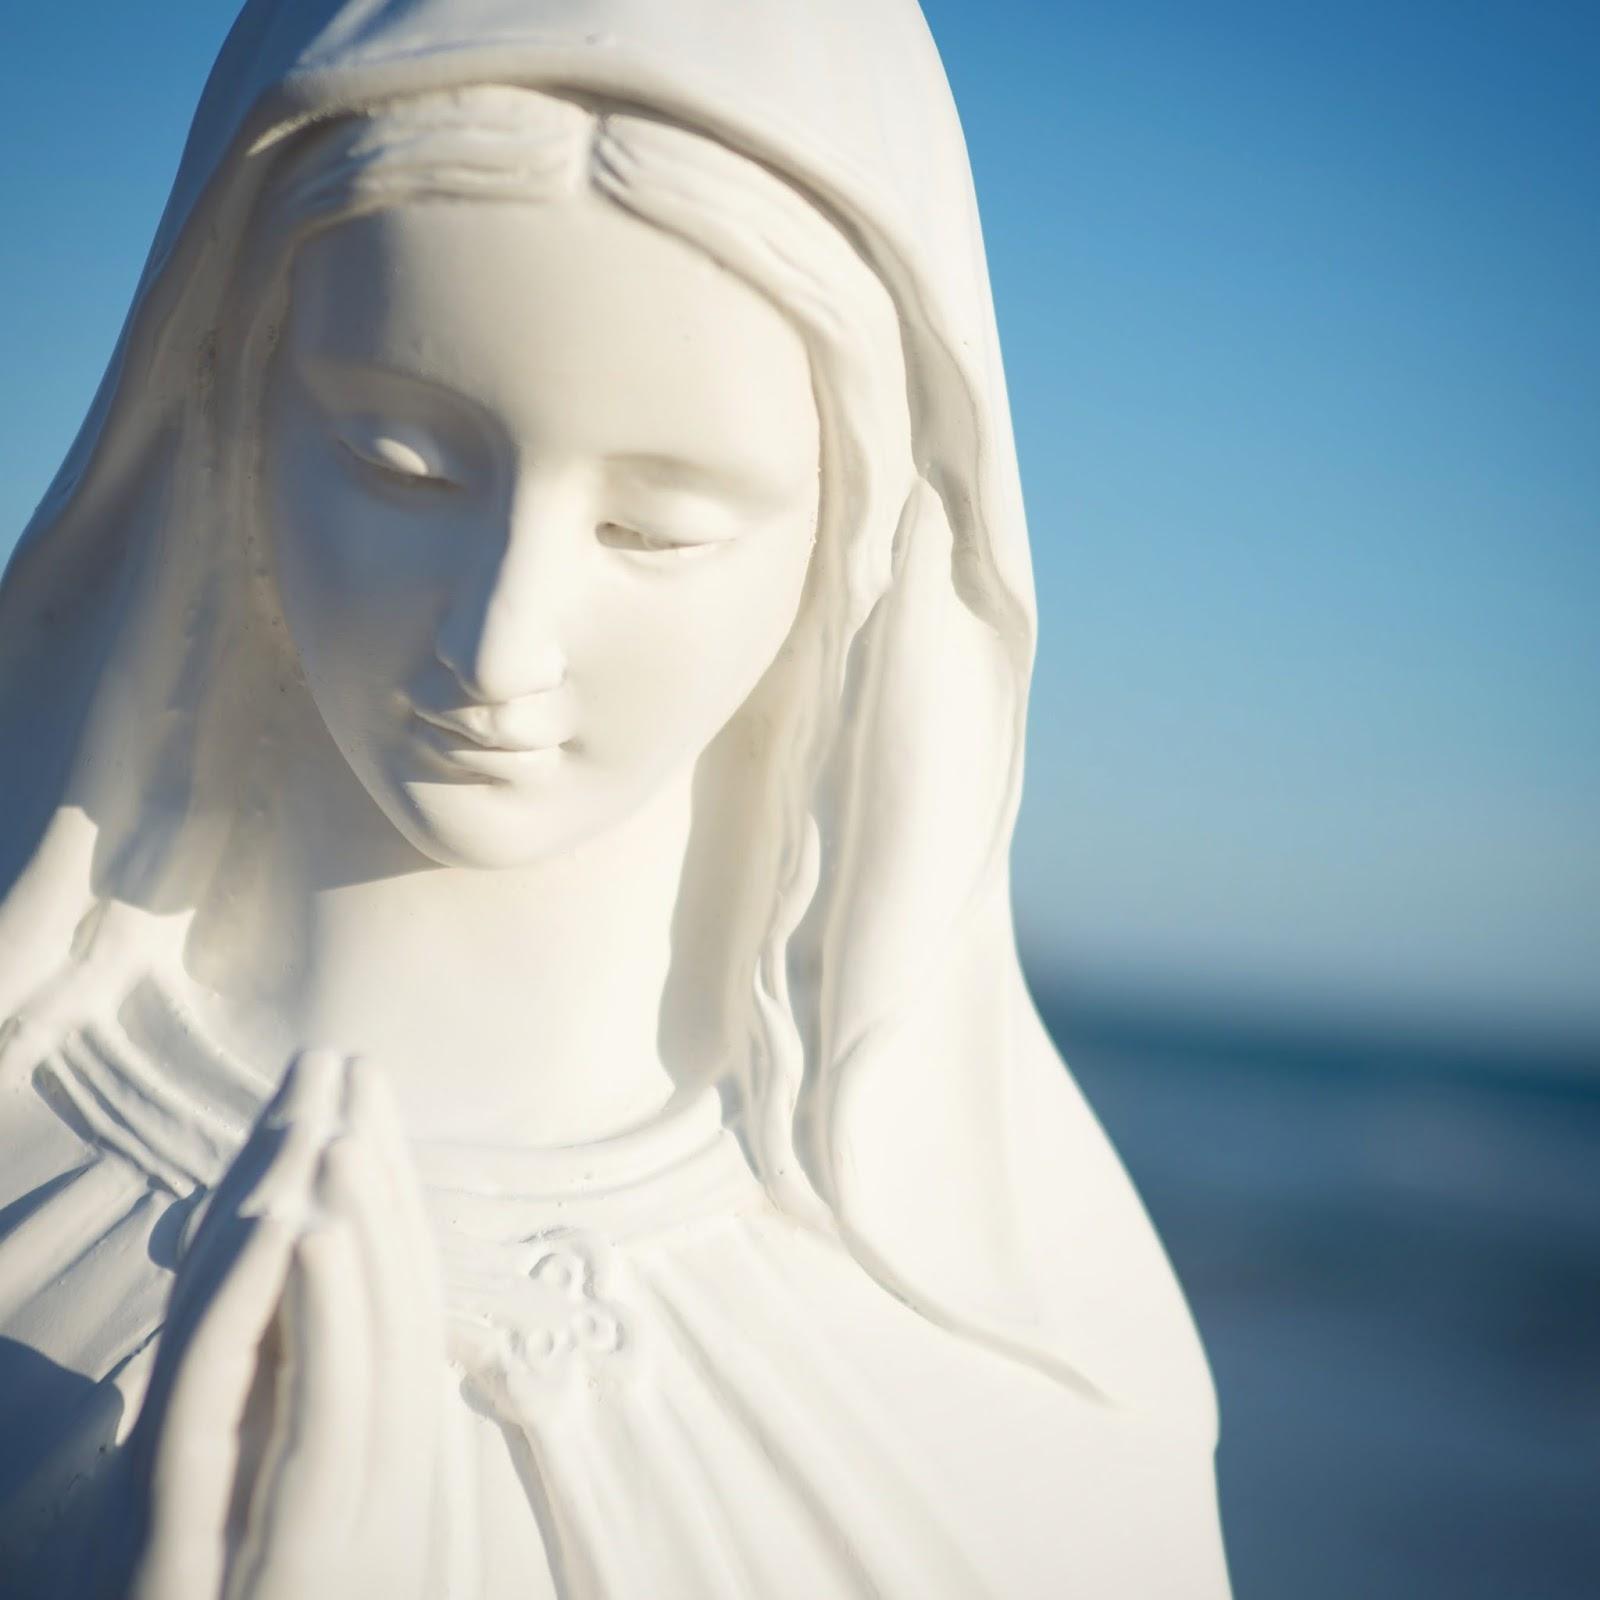 La Virgen de la Sonrisa: La sonrisa que curó a Santa Teresita de su  depresión - Podcast